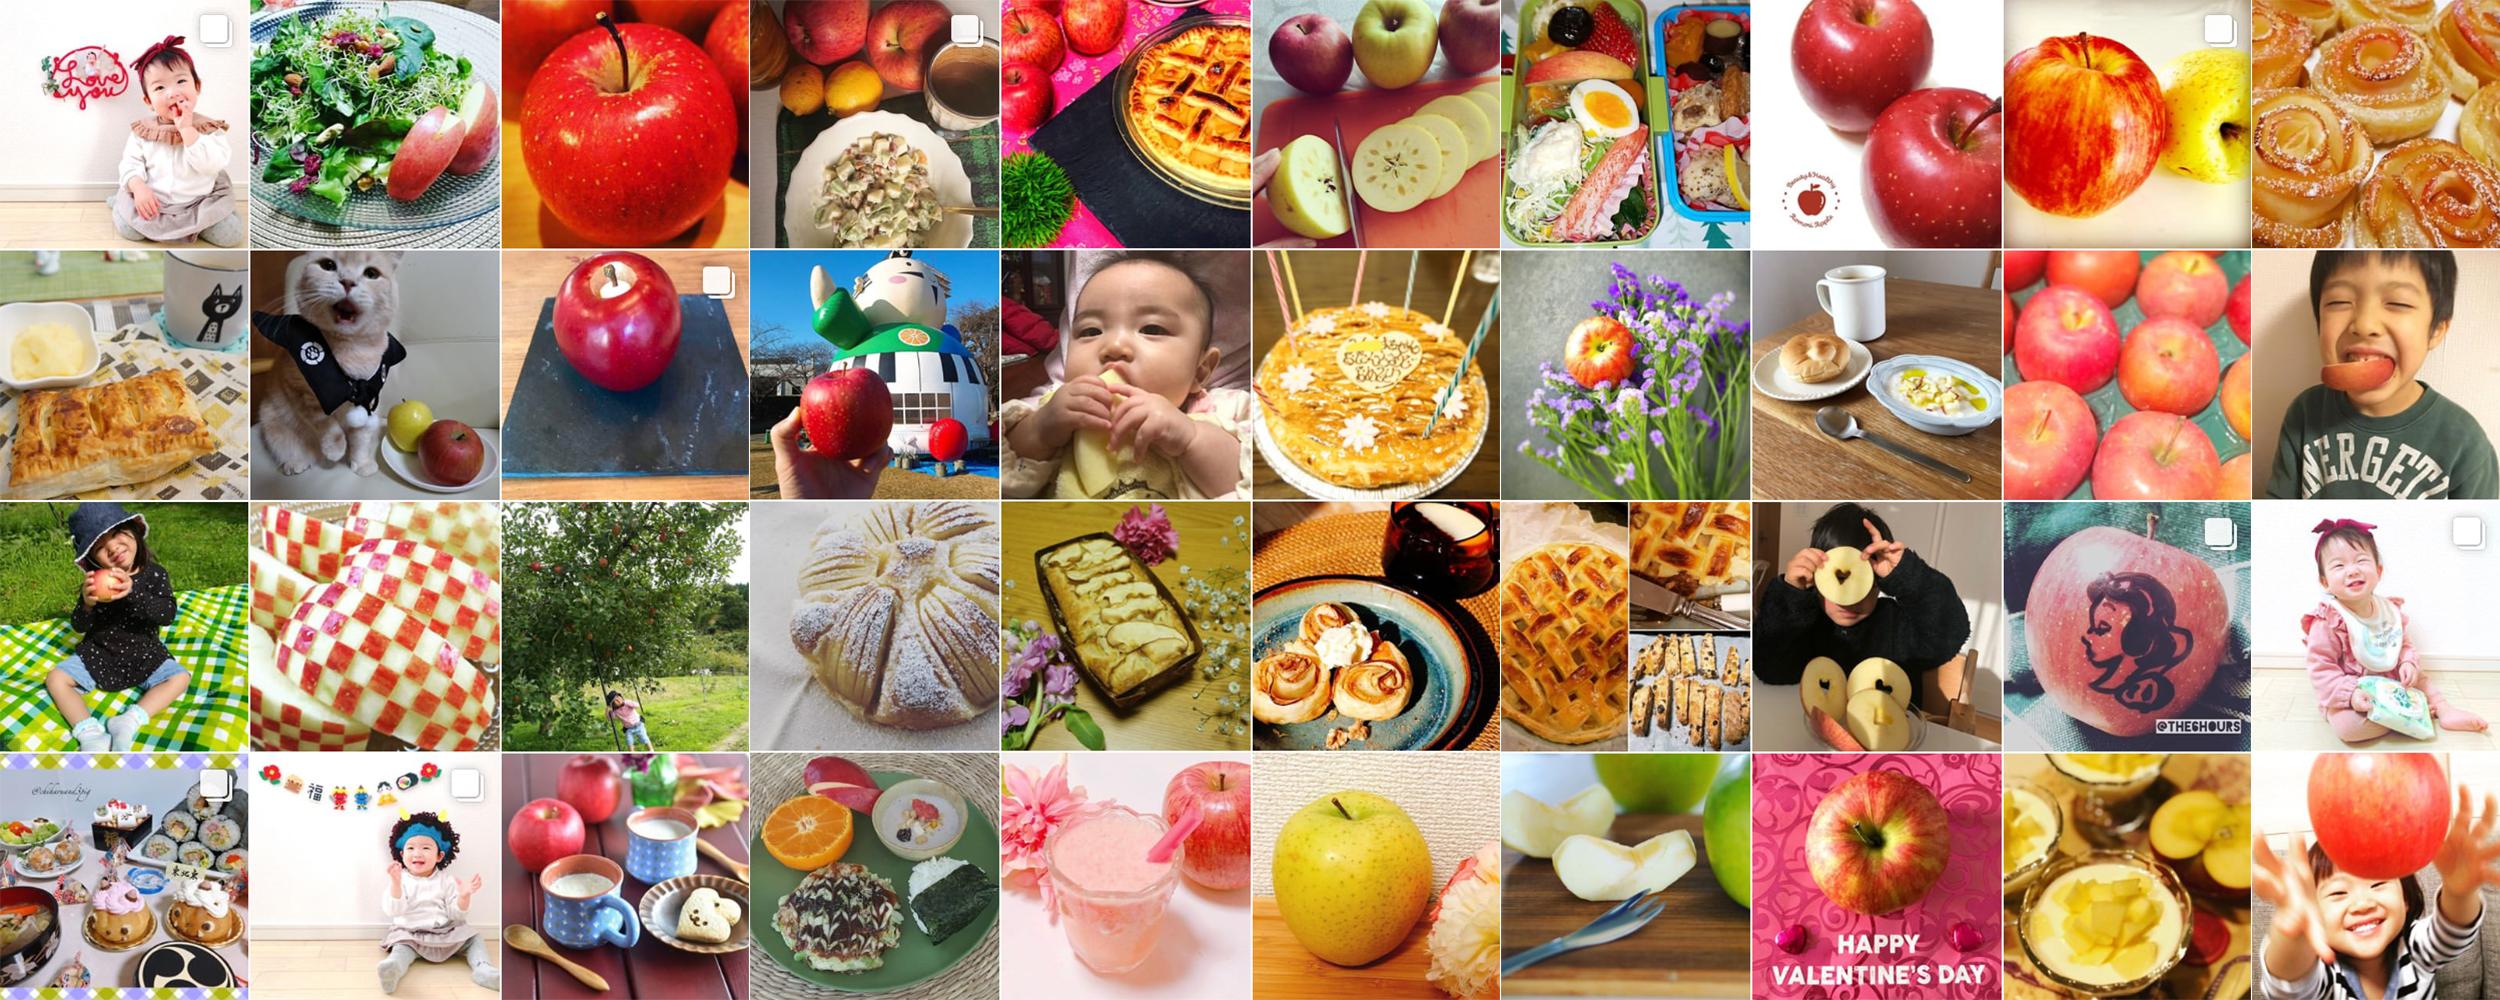 私の美活は食べるだけ青森りんごキャンペーン2月 投稿写真